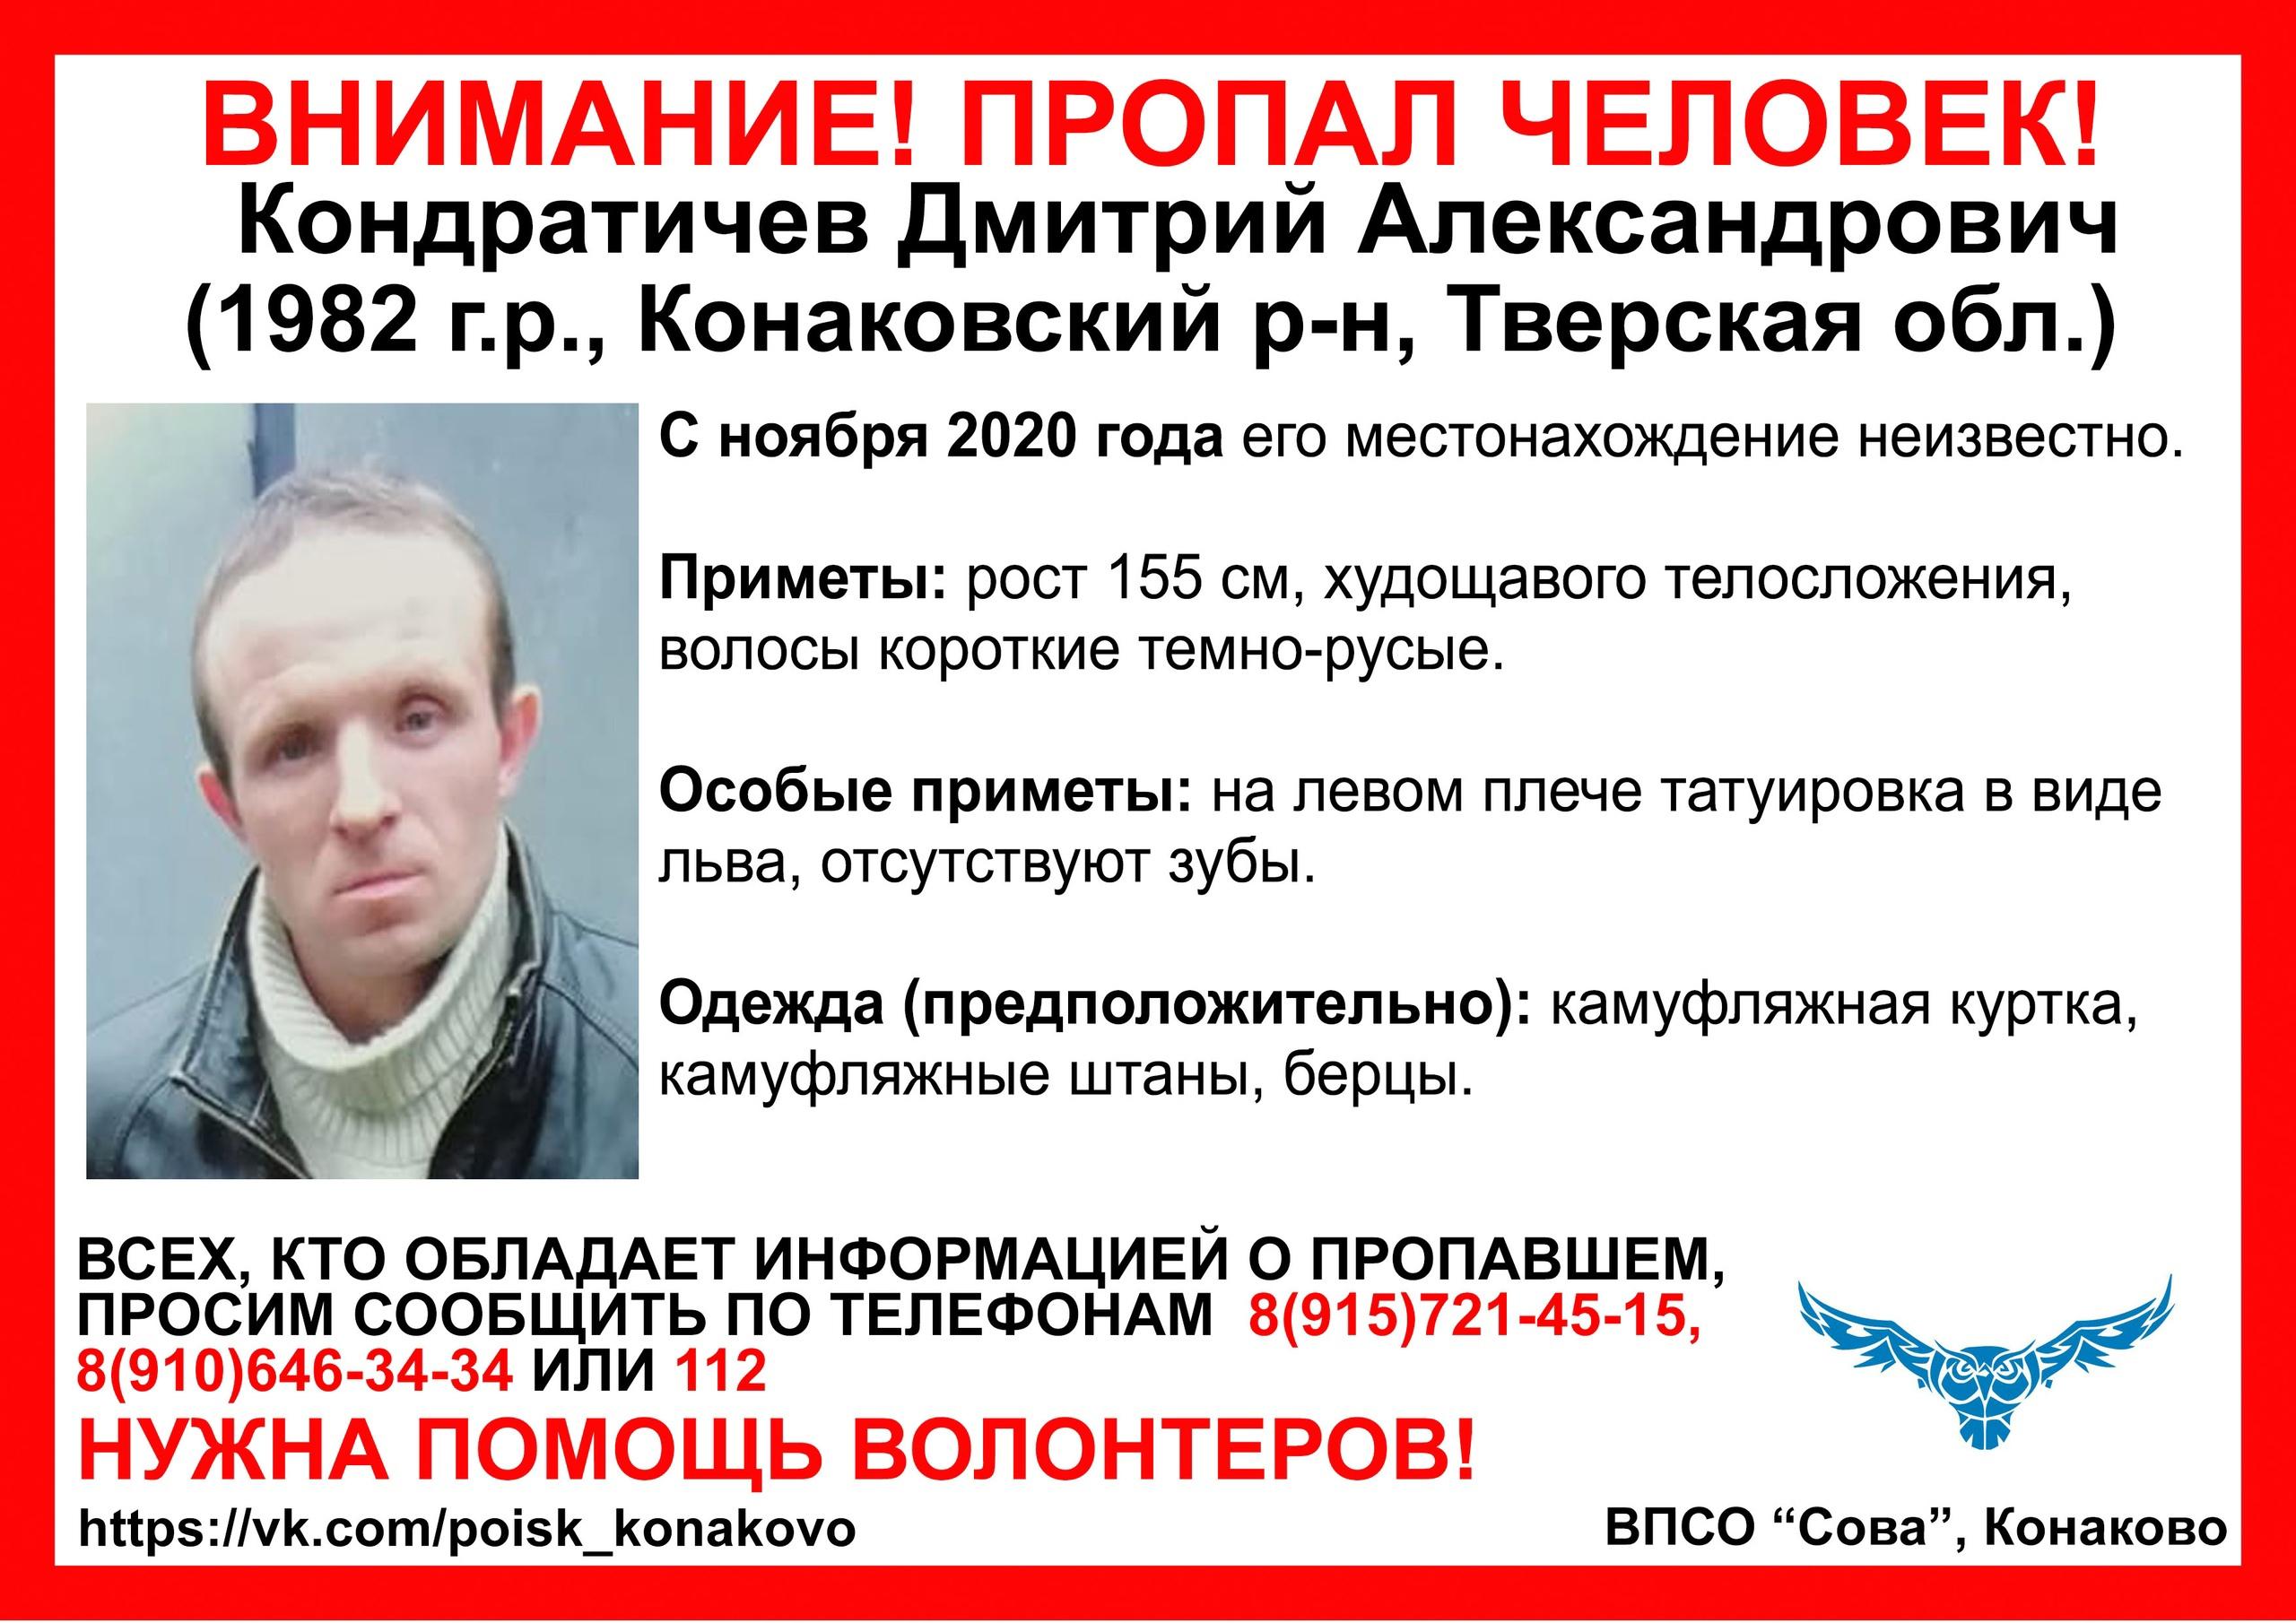 В Тверской области ищут мужчину с татуировкой льва